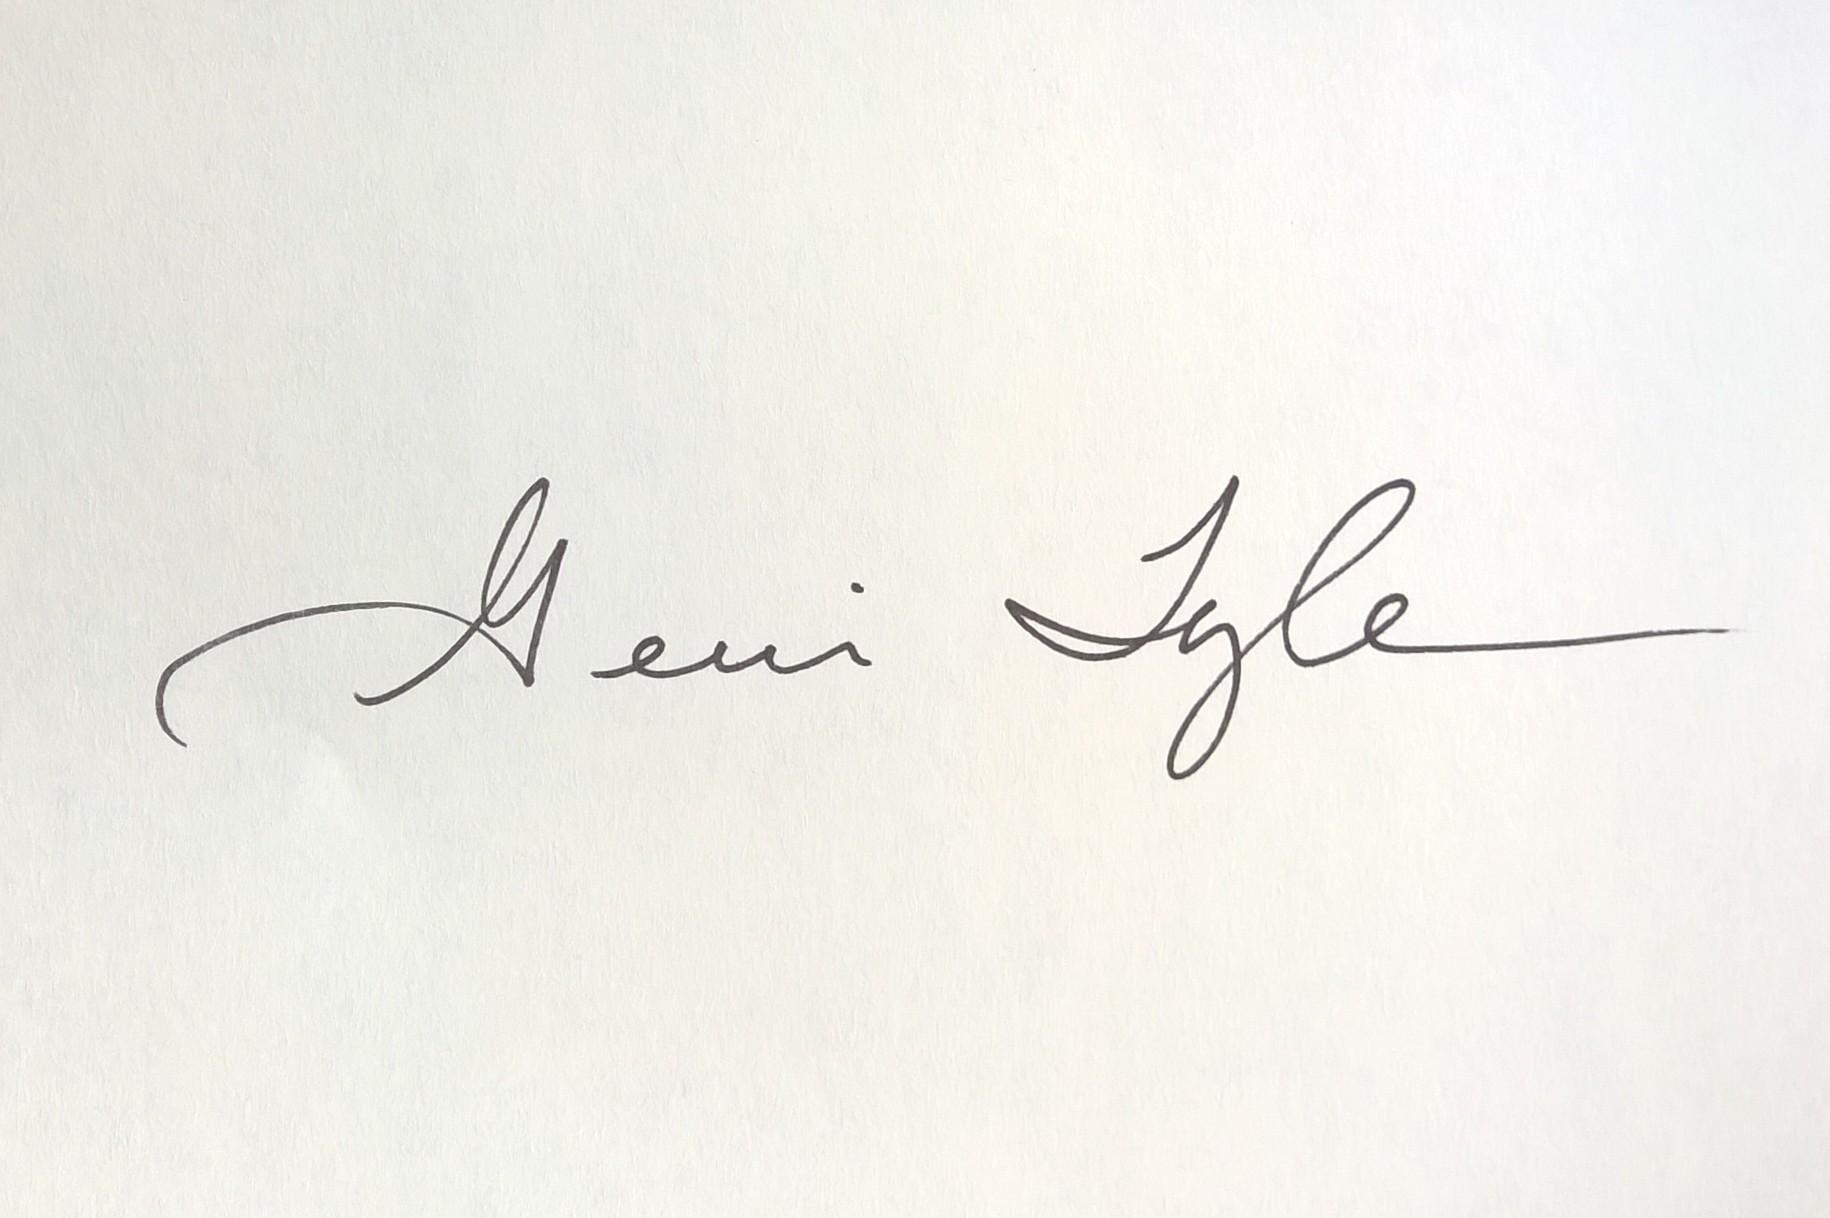 Gerri Tyler's Signature